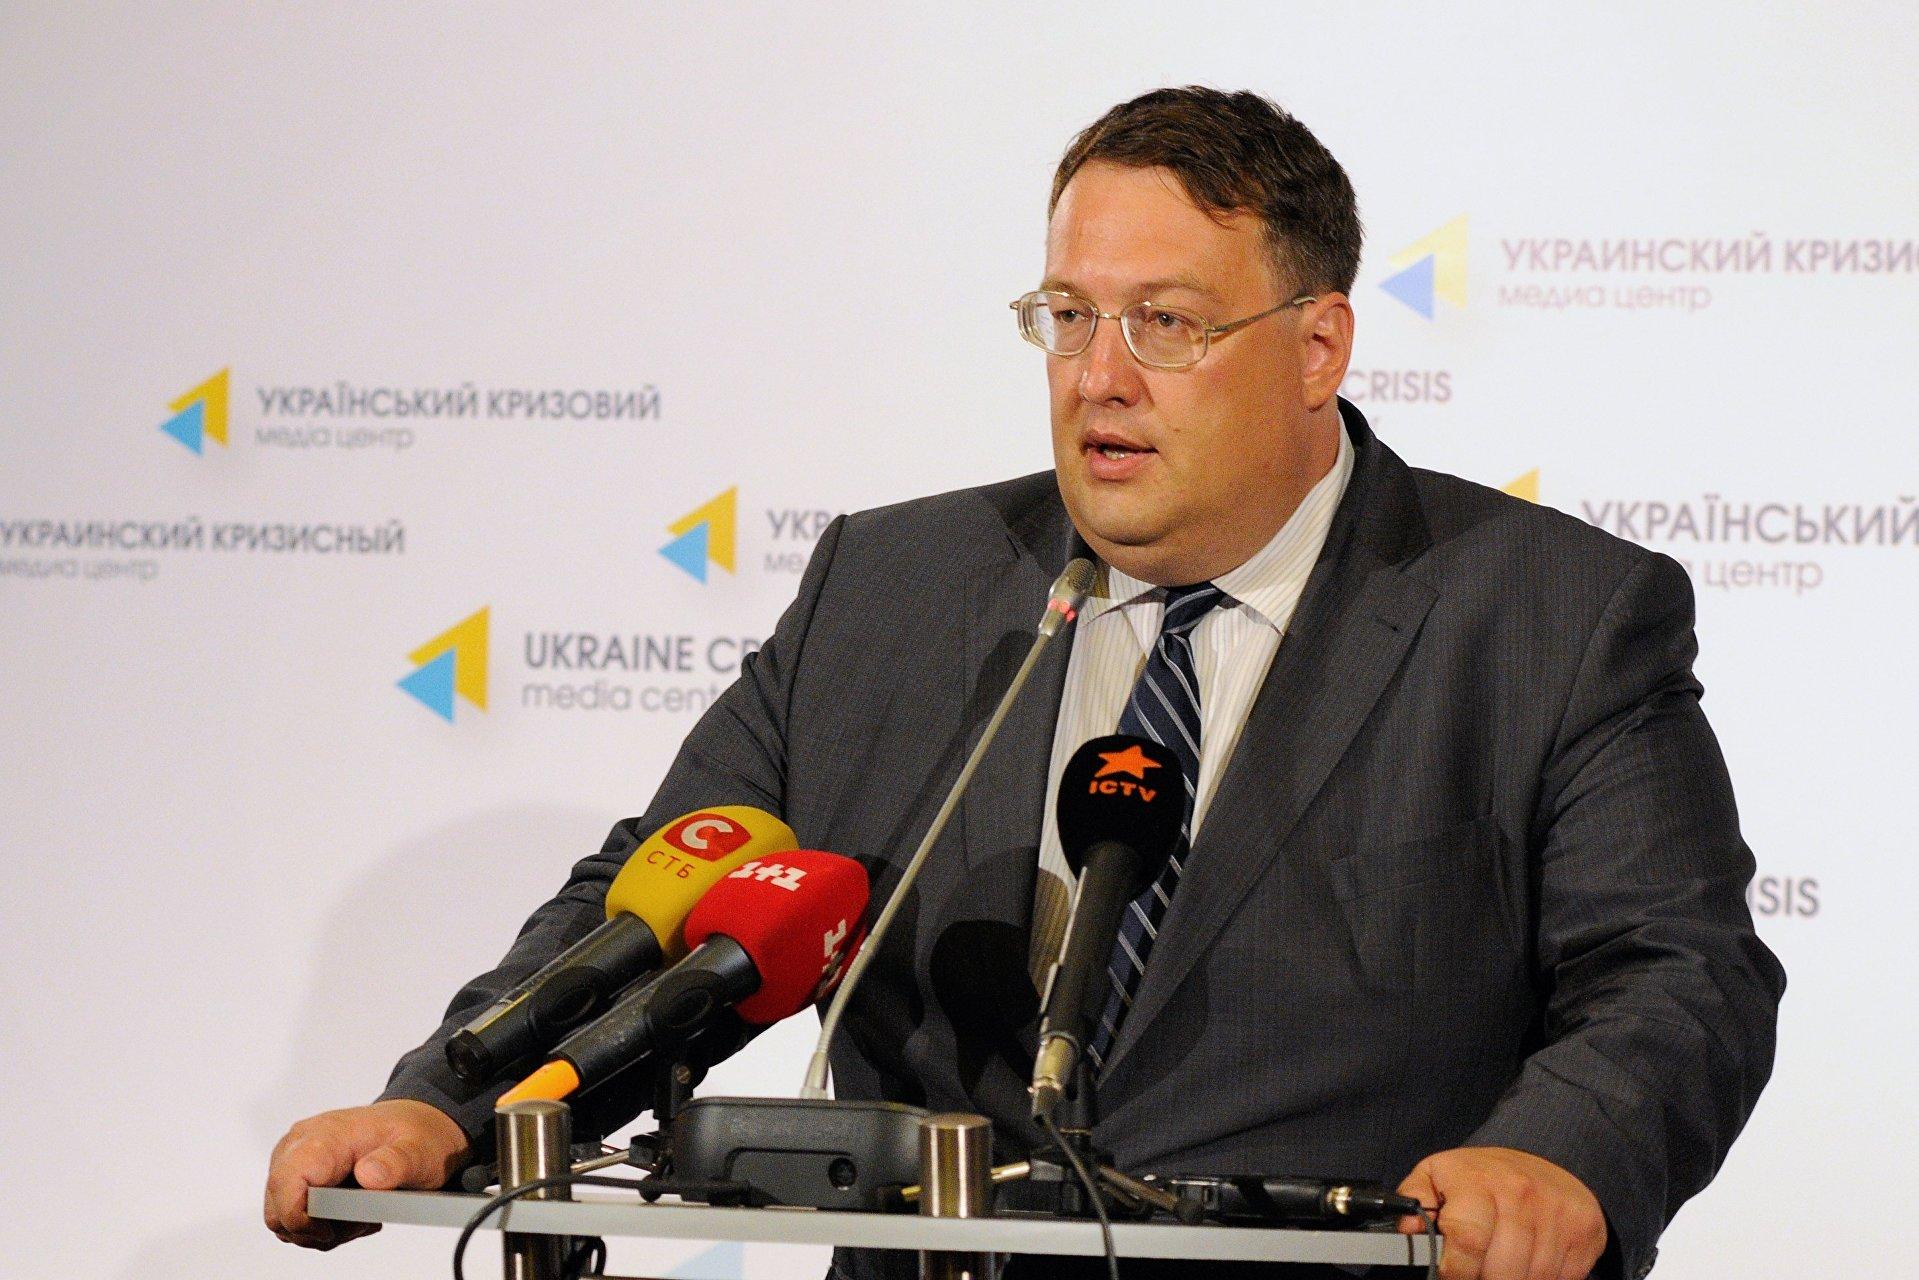 http://ukraina.ru/images/101284/88/1012848811.jpg